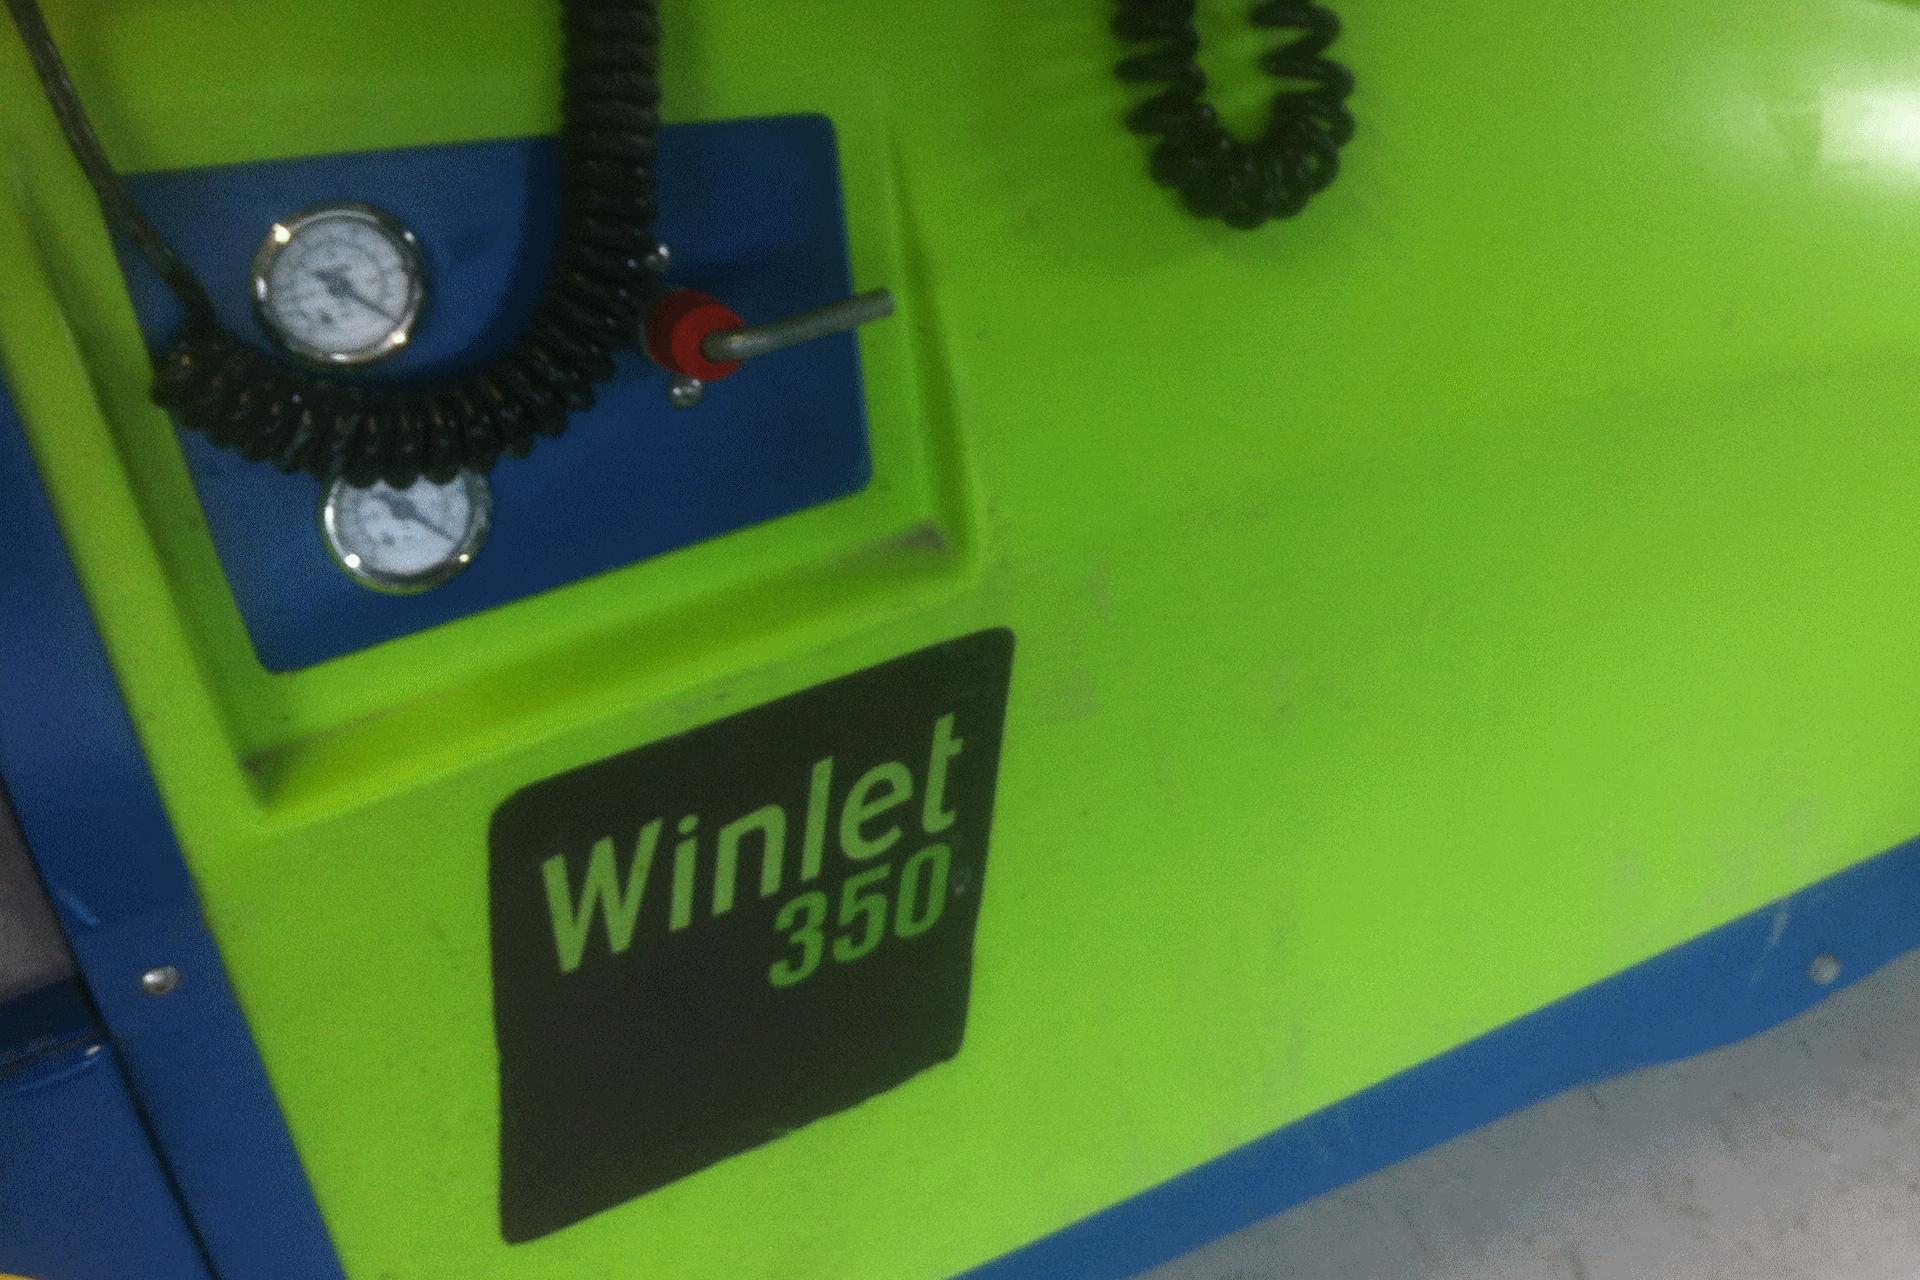 Ventura verhuur flyer: Compactkraan, Glasrobot en glaszuigers